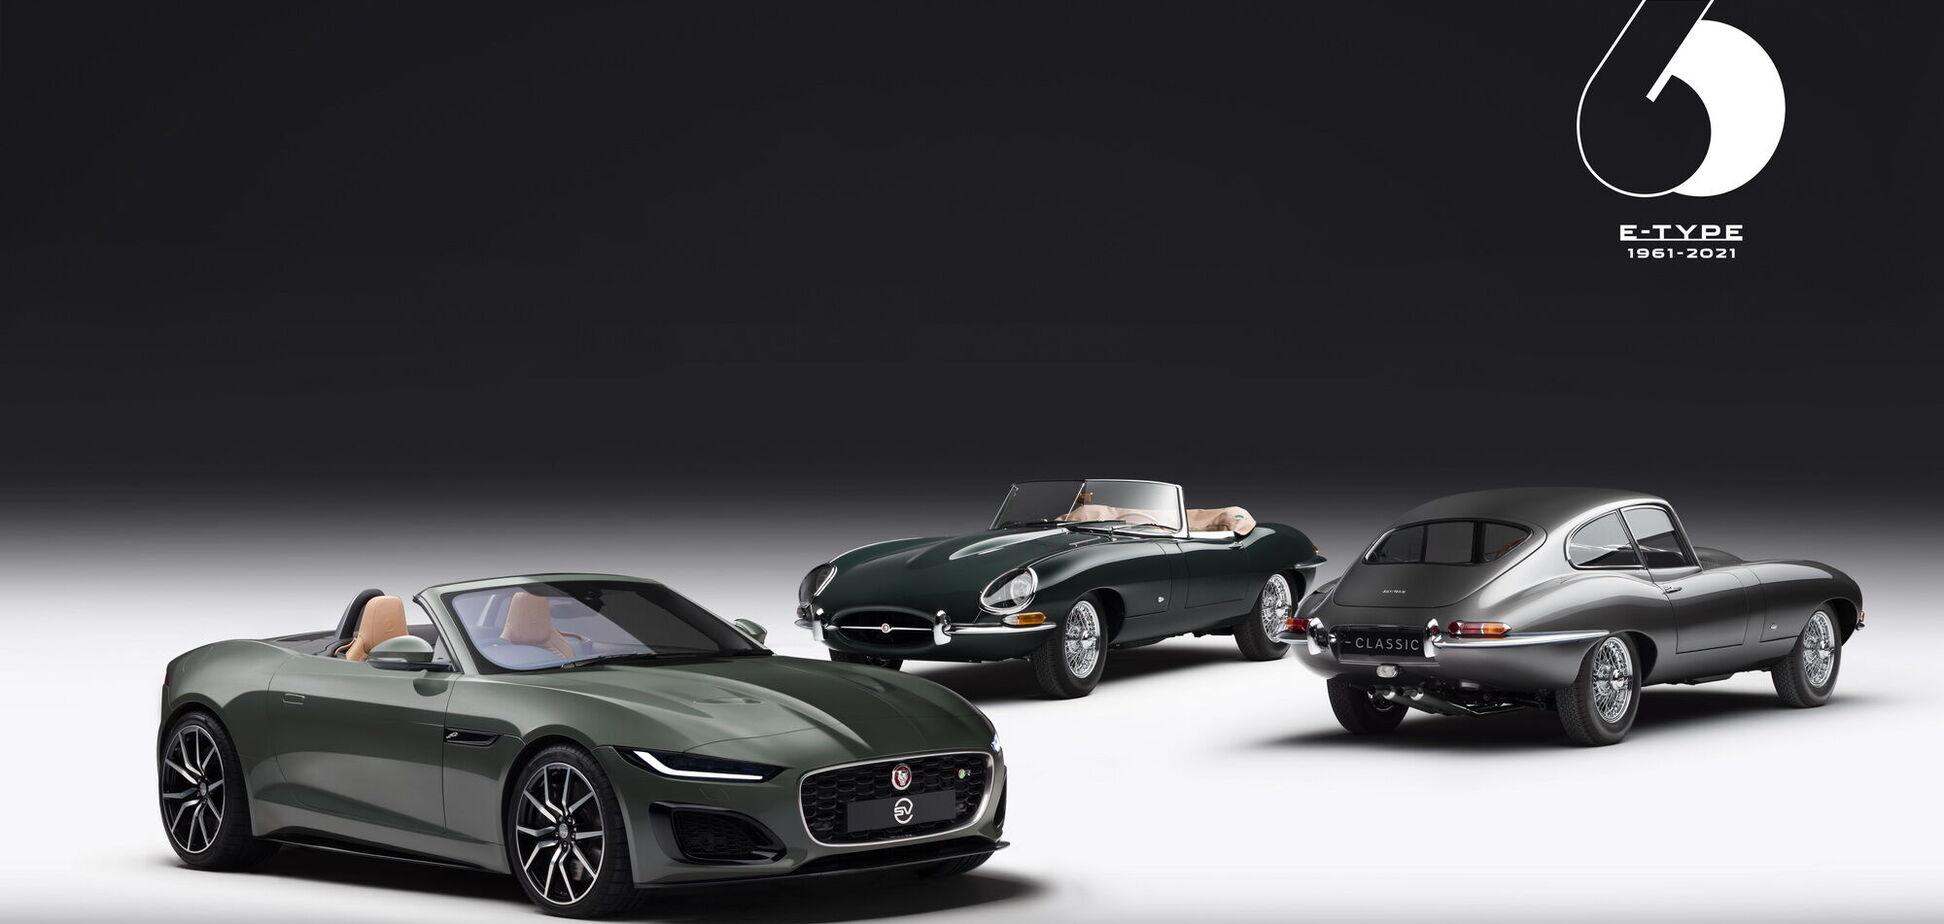 Легендарний Jaguar E-type відзначить своє 60-річчя